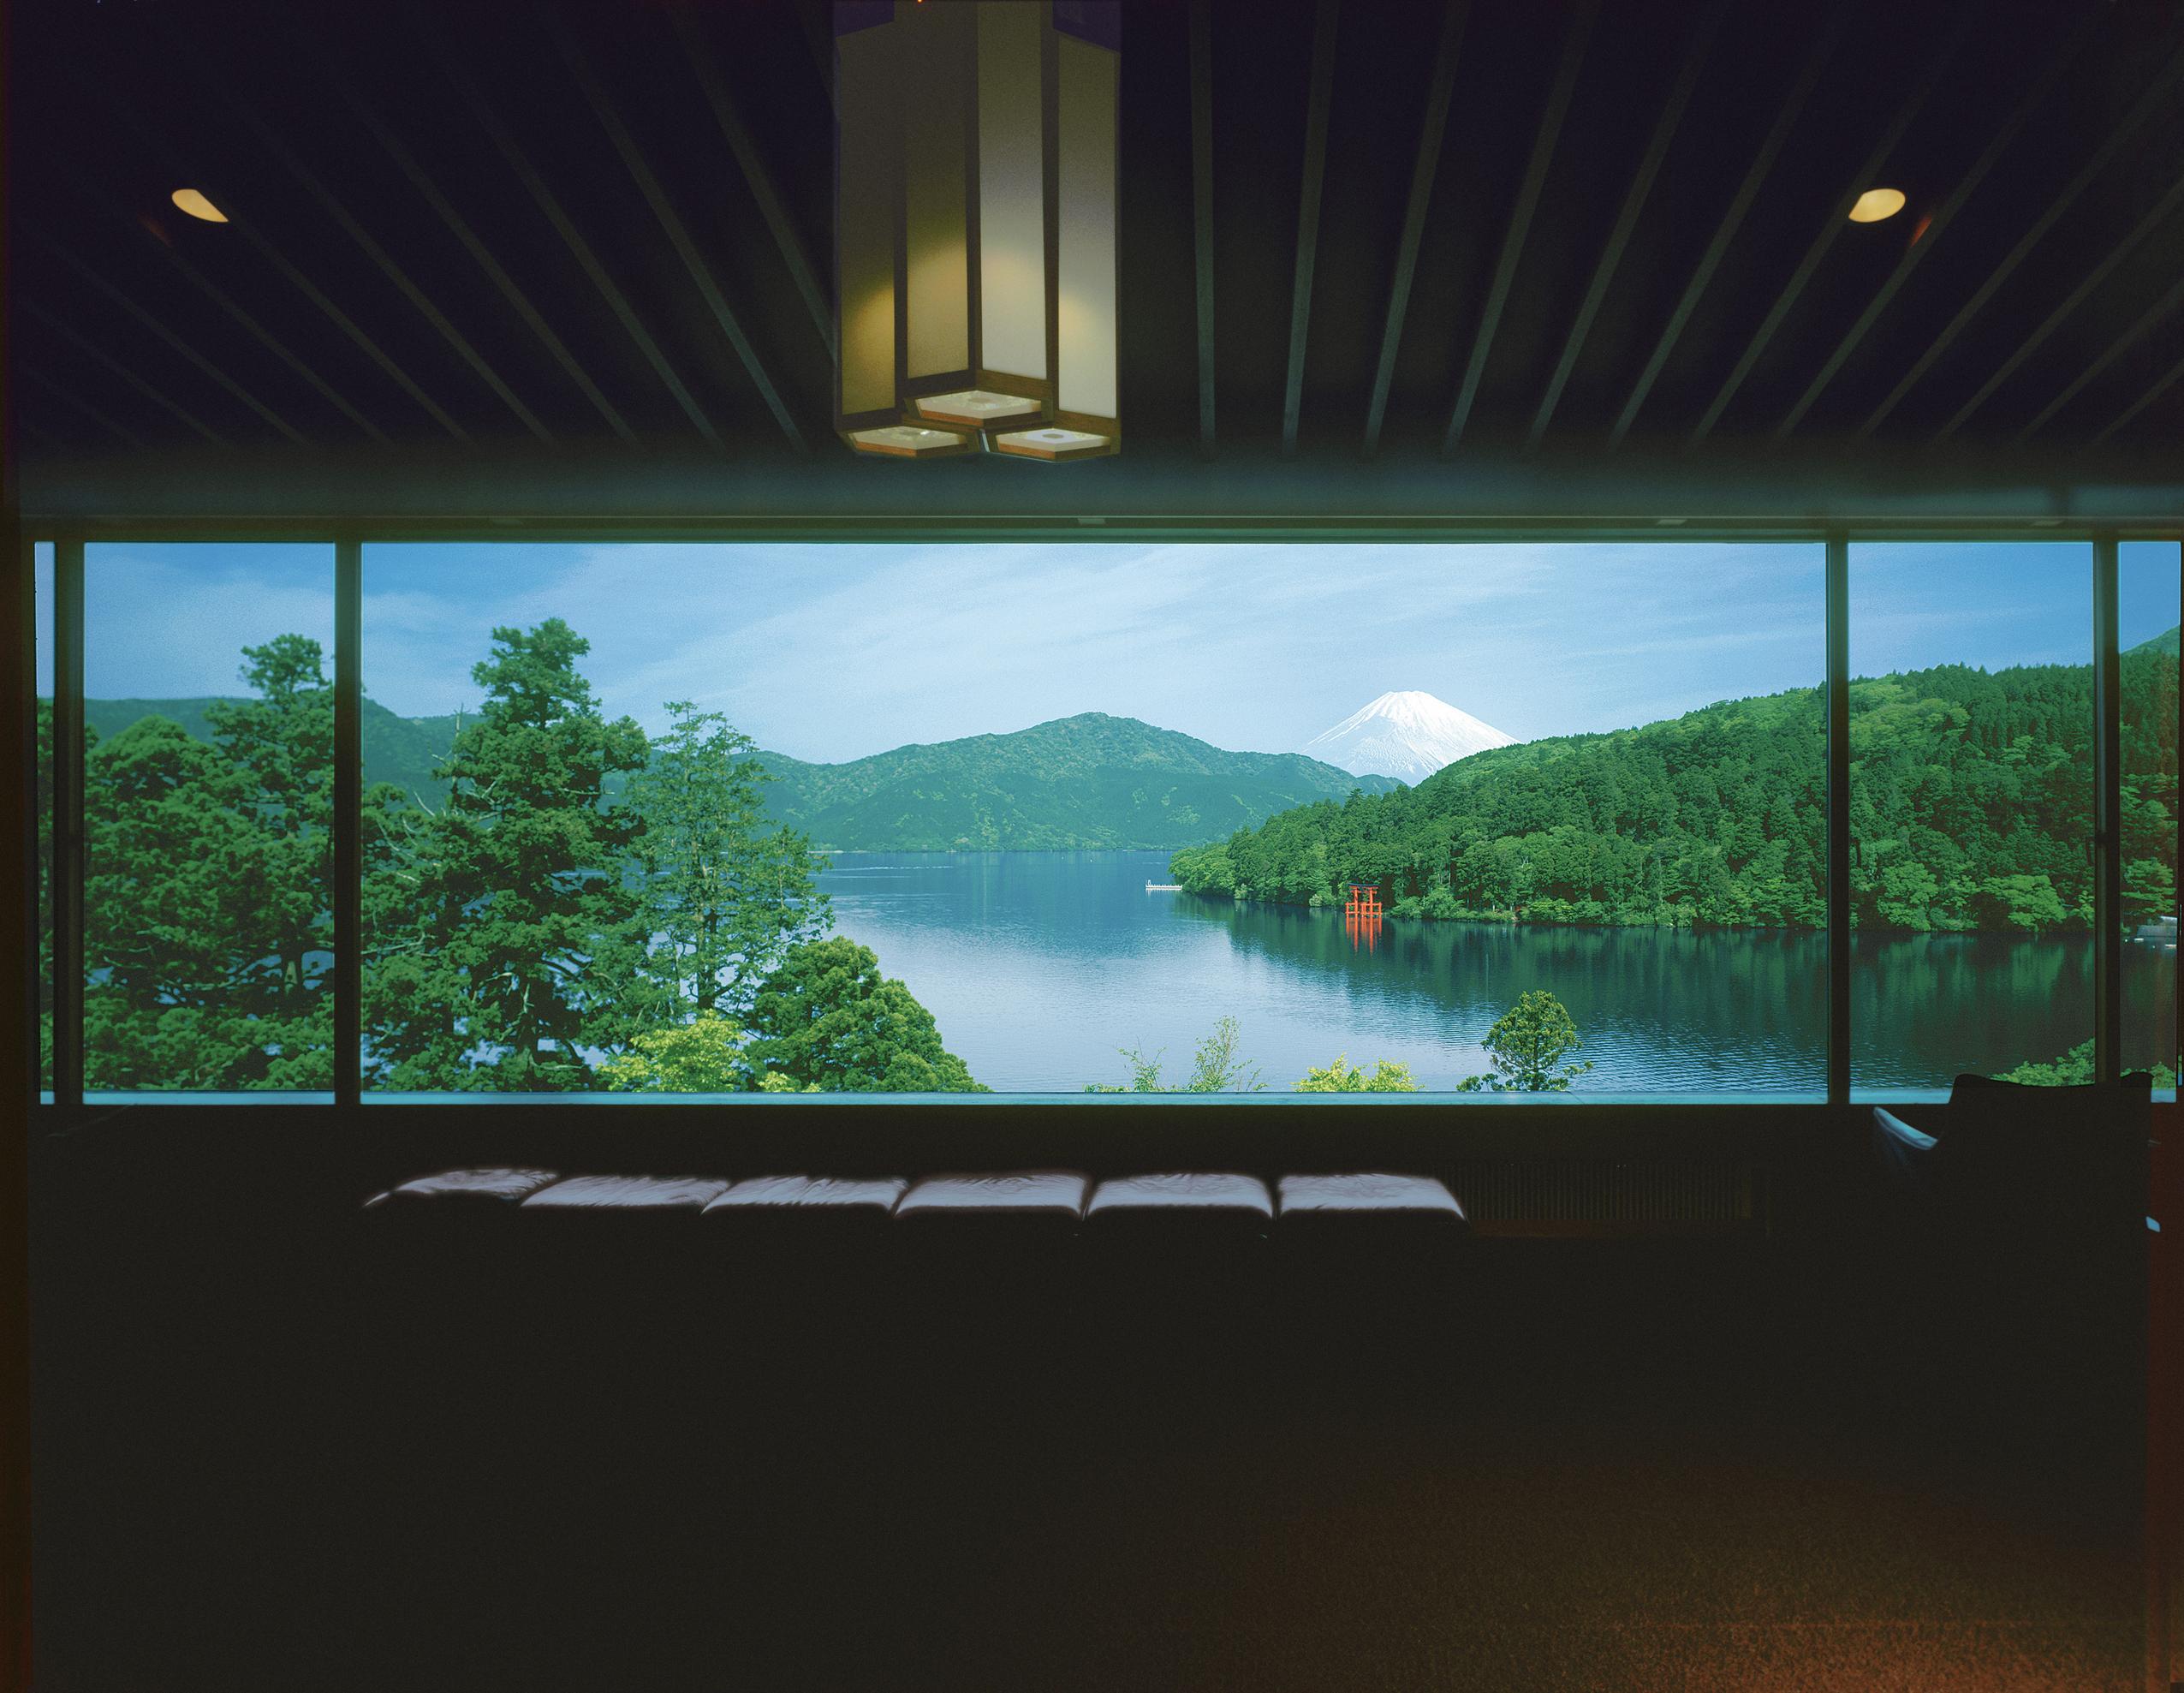 芦ノ湖を一望 成川美術館で箱根随一の絶景に思わず息をのむ [取材]